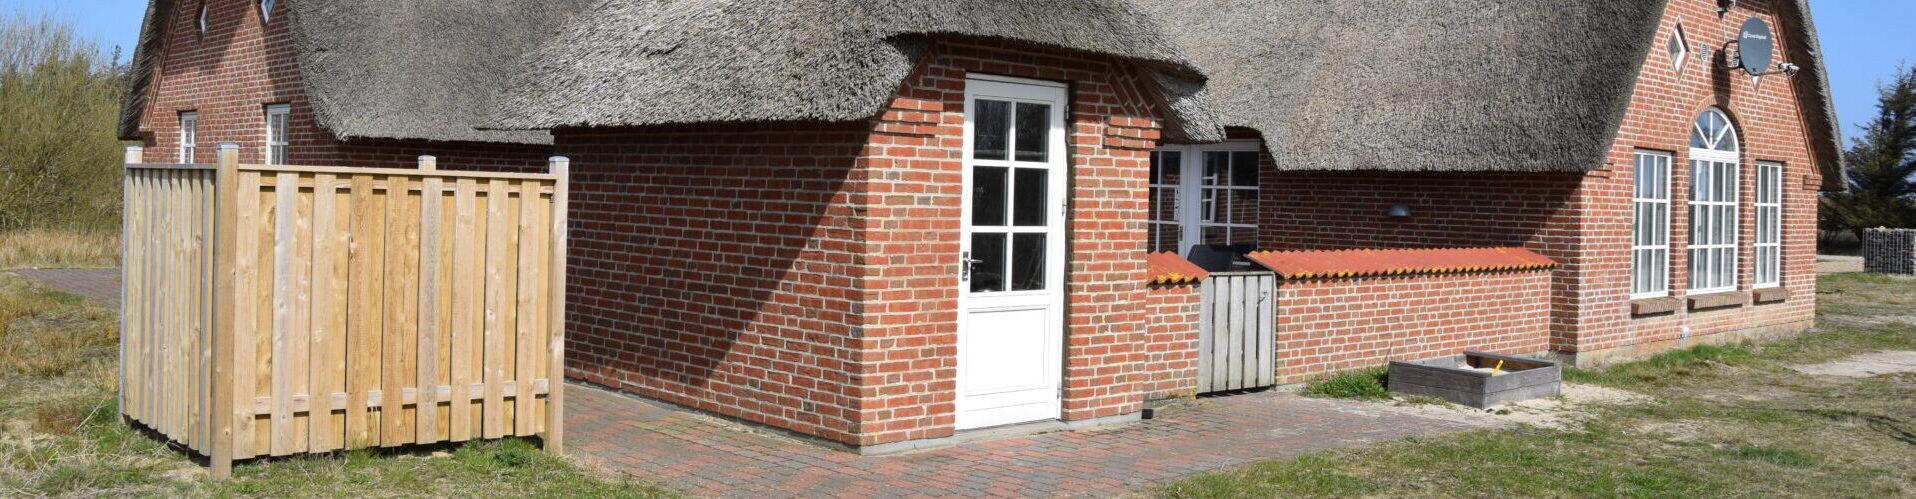 Poolsommerhus med luft/vand varmepumpe